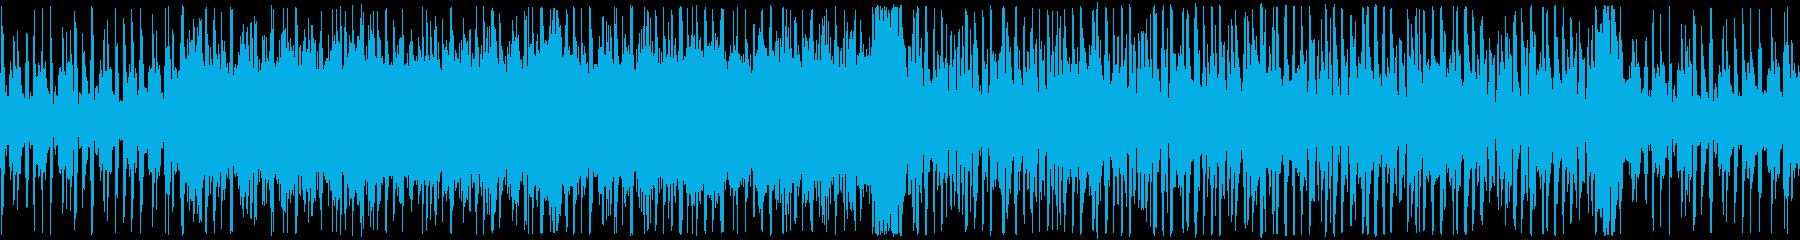 ダークな雰囲気のシリアスチップチューンの再生済みの波形